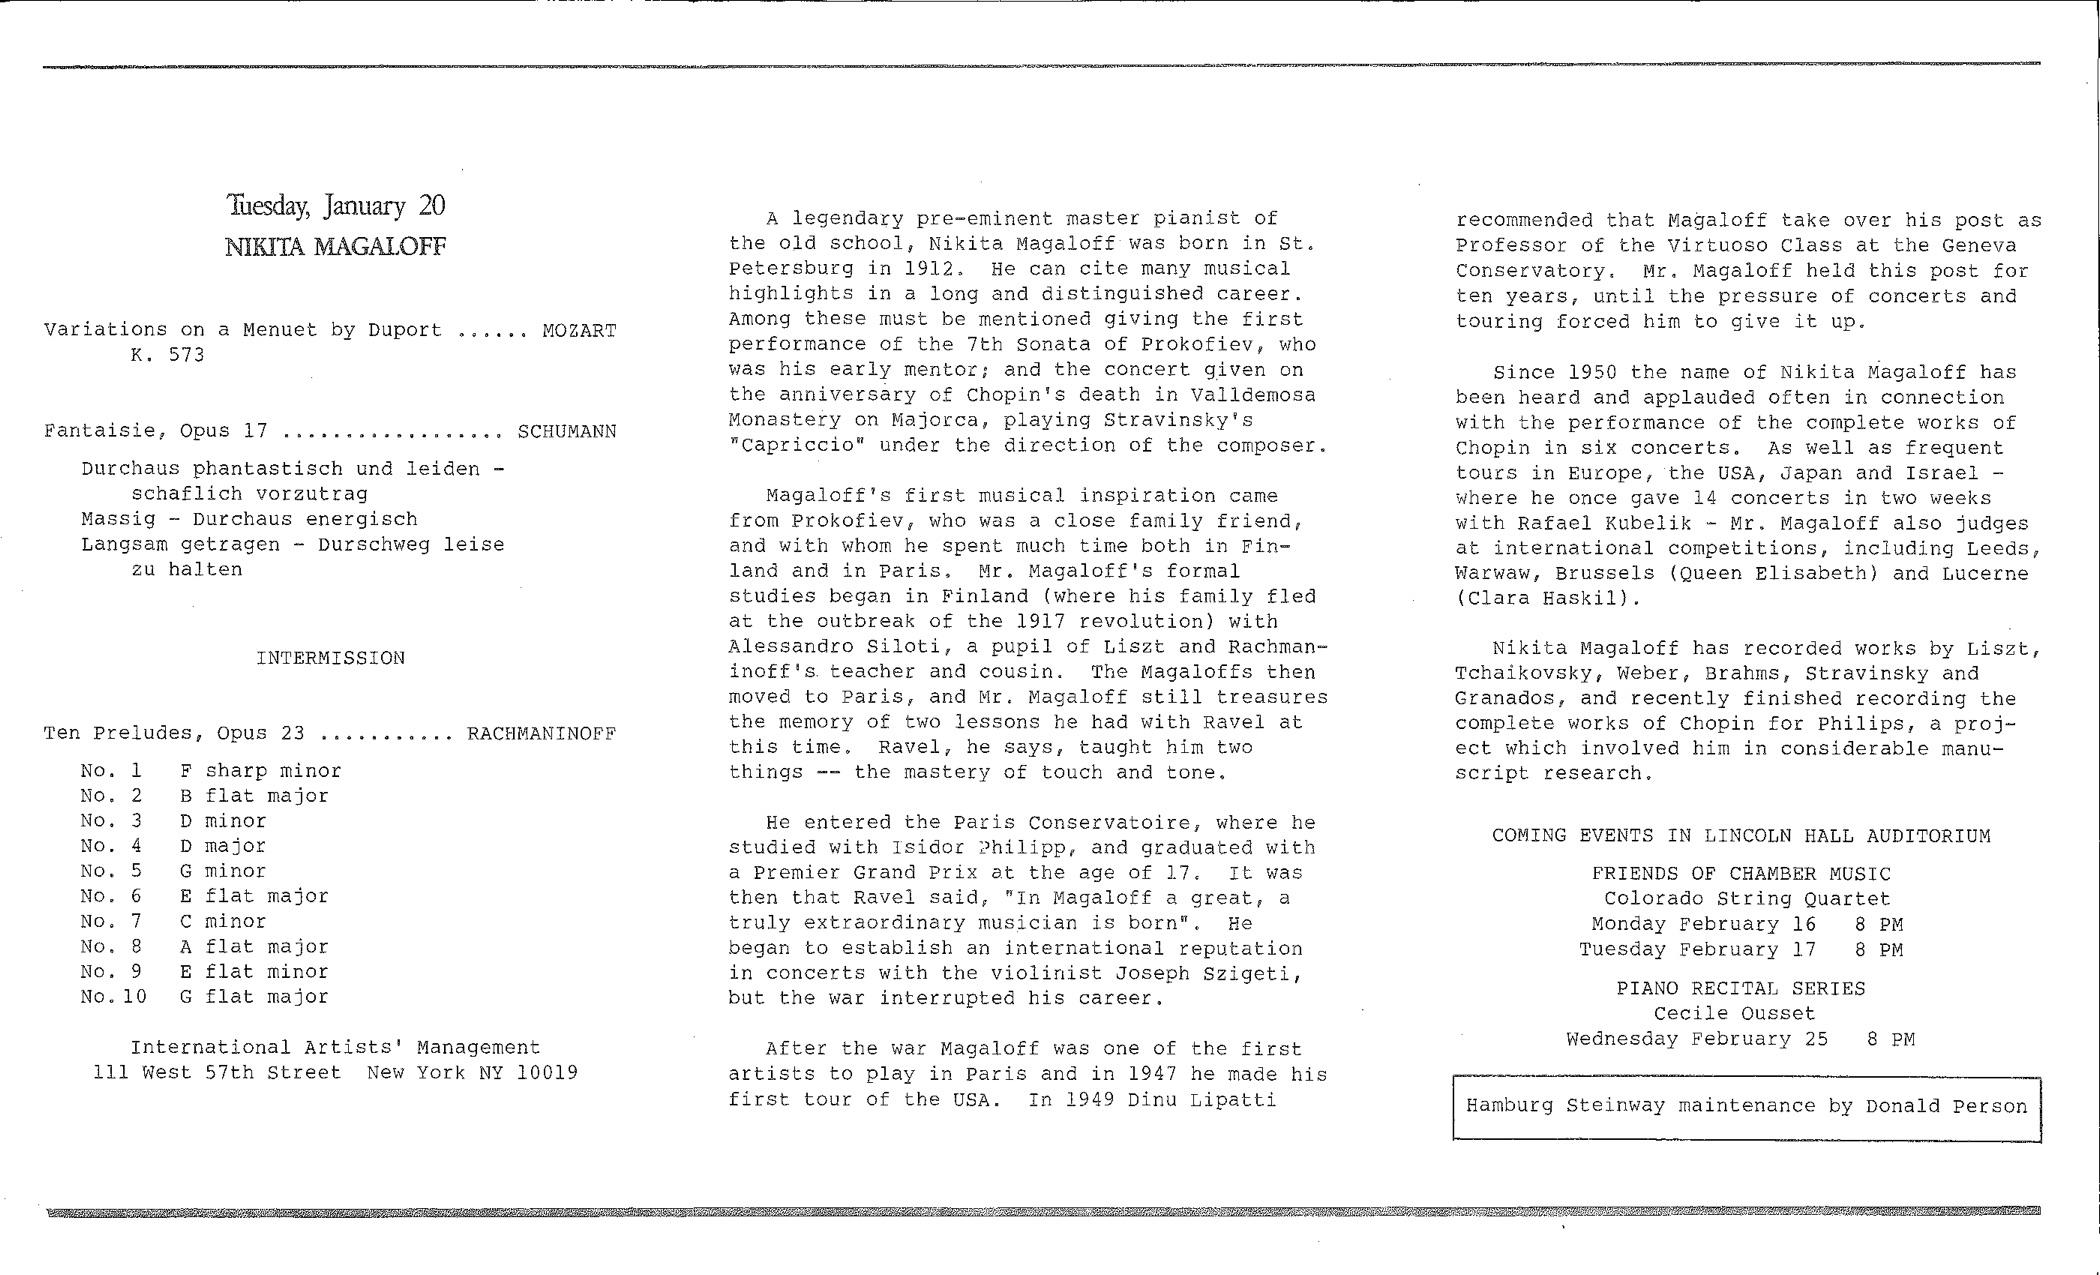 Magaloff86-87_Program1.jpg